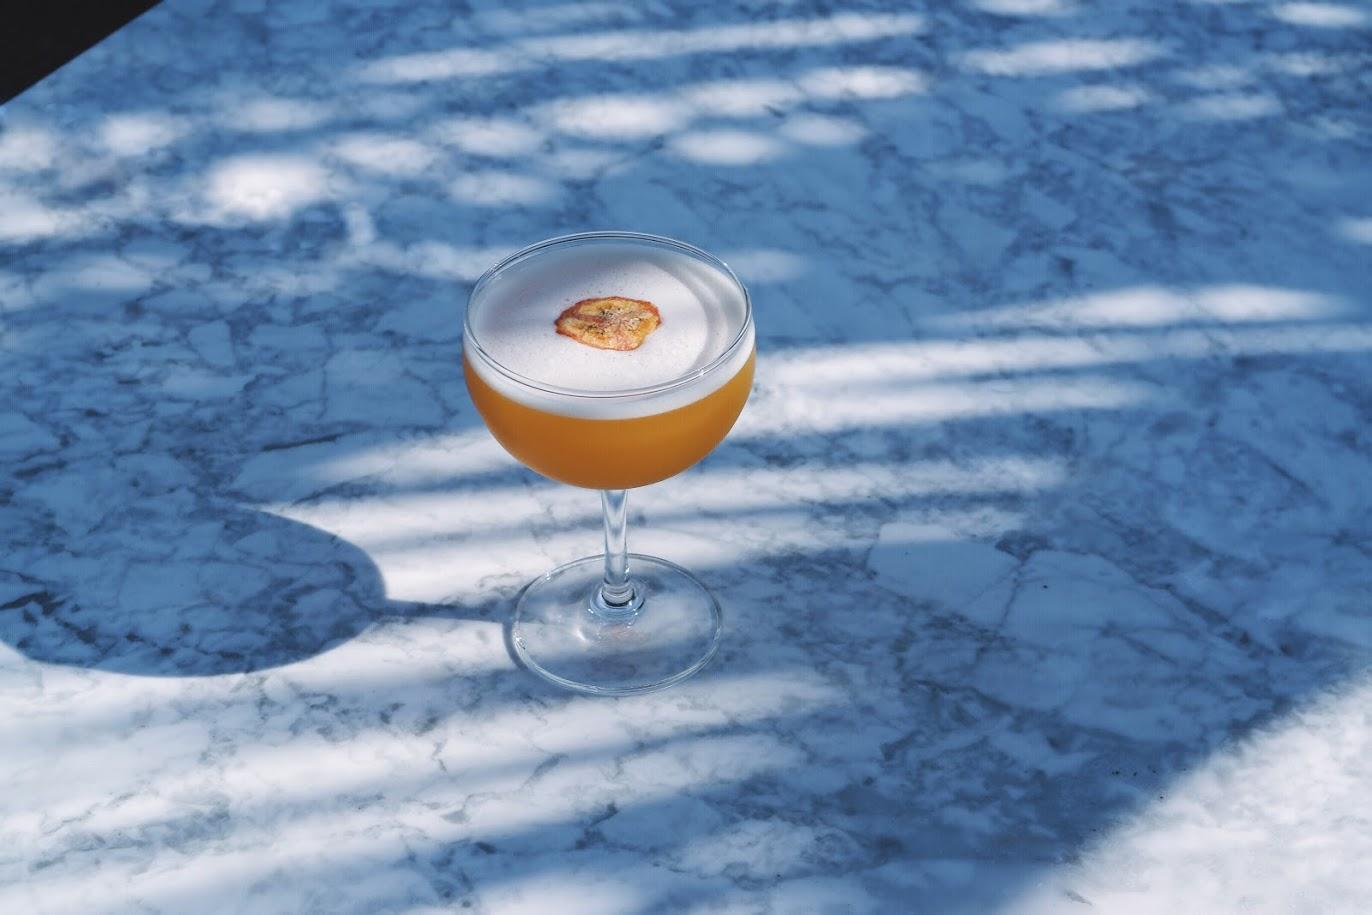 New Cocktail Menu at Mulino Italian Kitchen and Bar